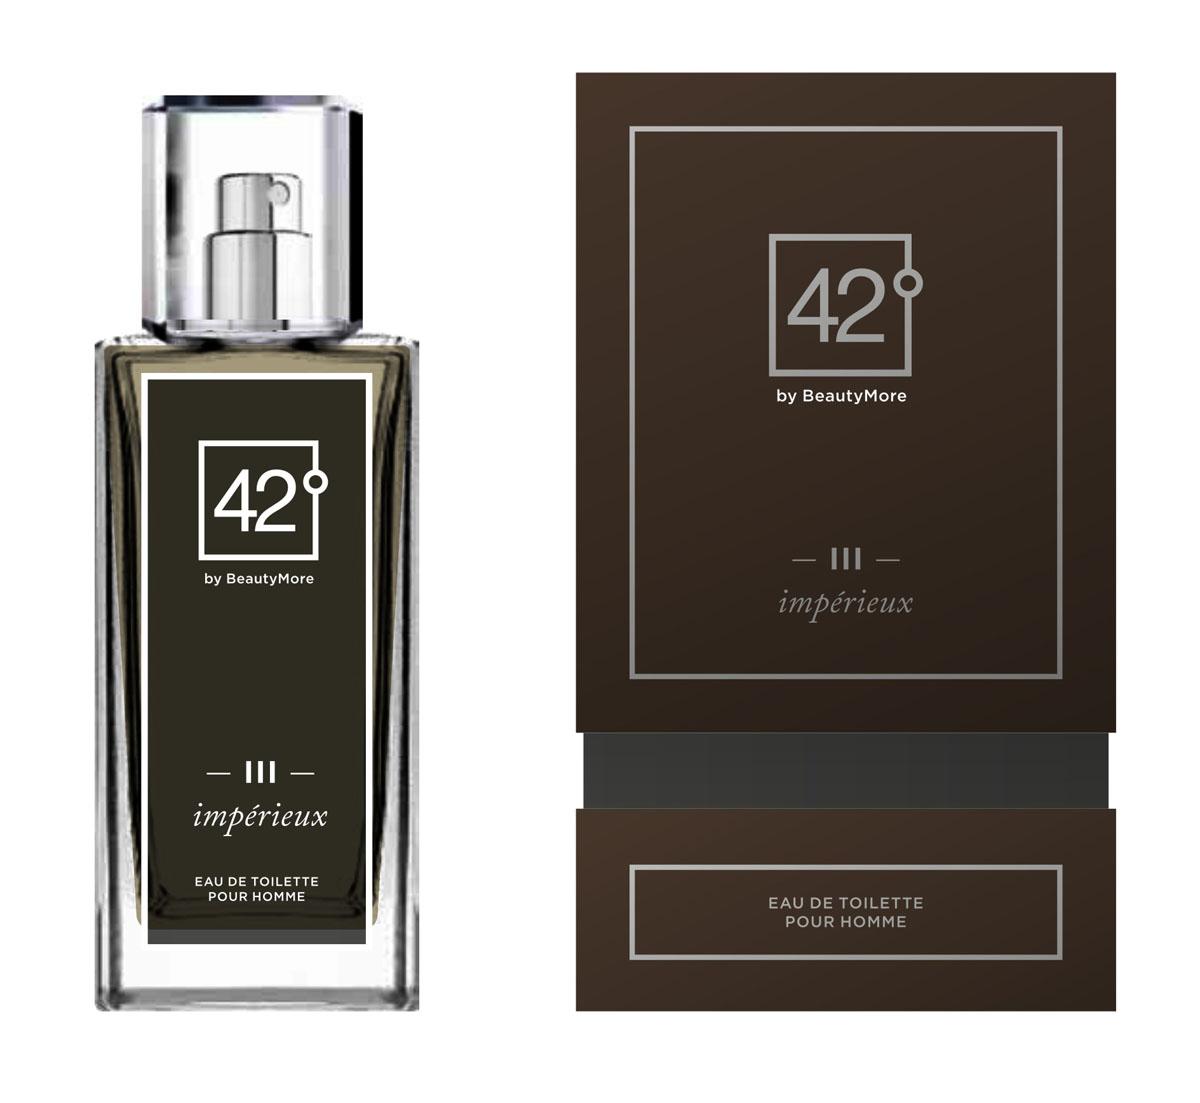 Fragrance 42 Туалетная вода для мужчин III Imperieux 100 мл42-96156Импери - аромат созданный для настоящих,решительных, мужчин,уверенных в себе и смело покоряющих любые цели. Этот аромат станет завершающей ноткой в вашем неотразимом образе. Верхняя нота- мята, мандарин,нота сердца - роза,корица, кардамон, базовые ноты - пачули,янтарь,натуральная кожа.